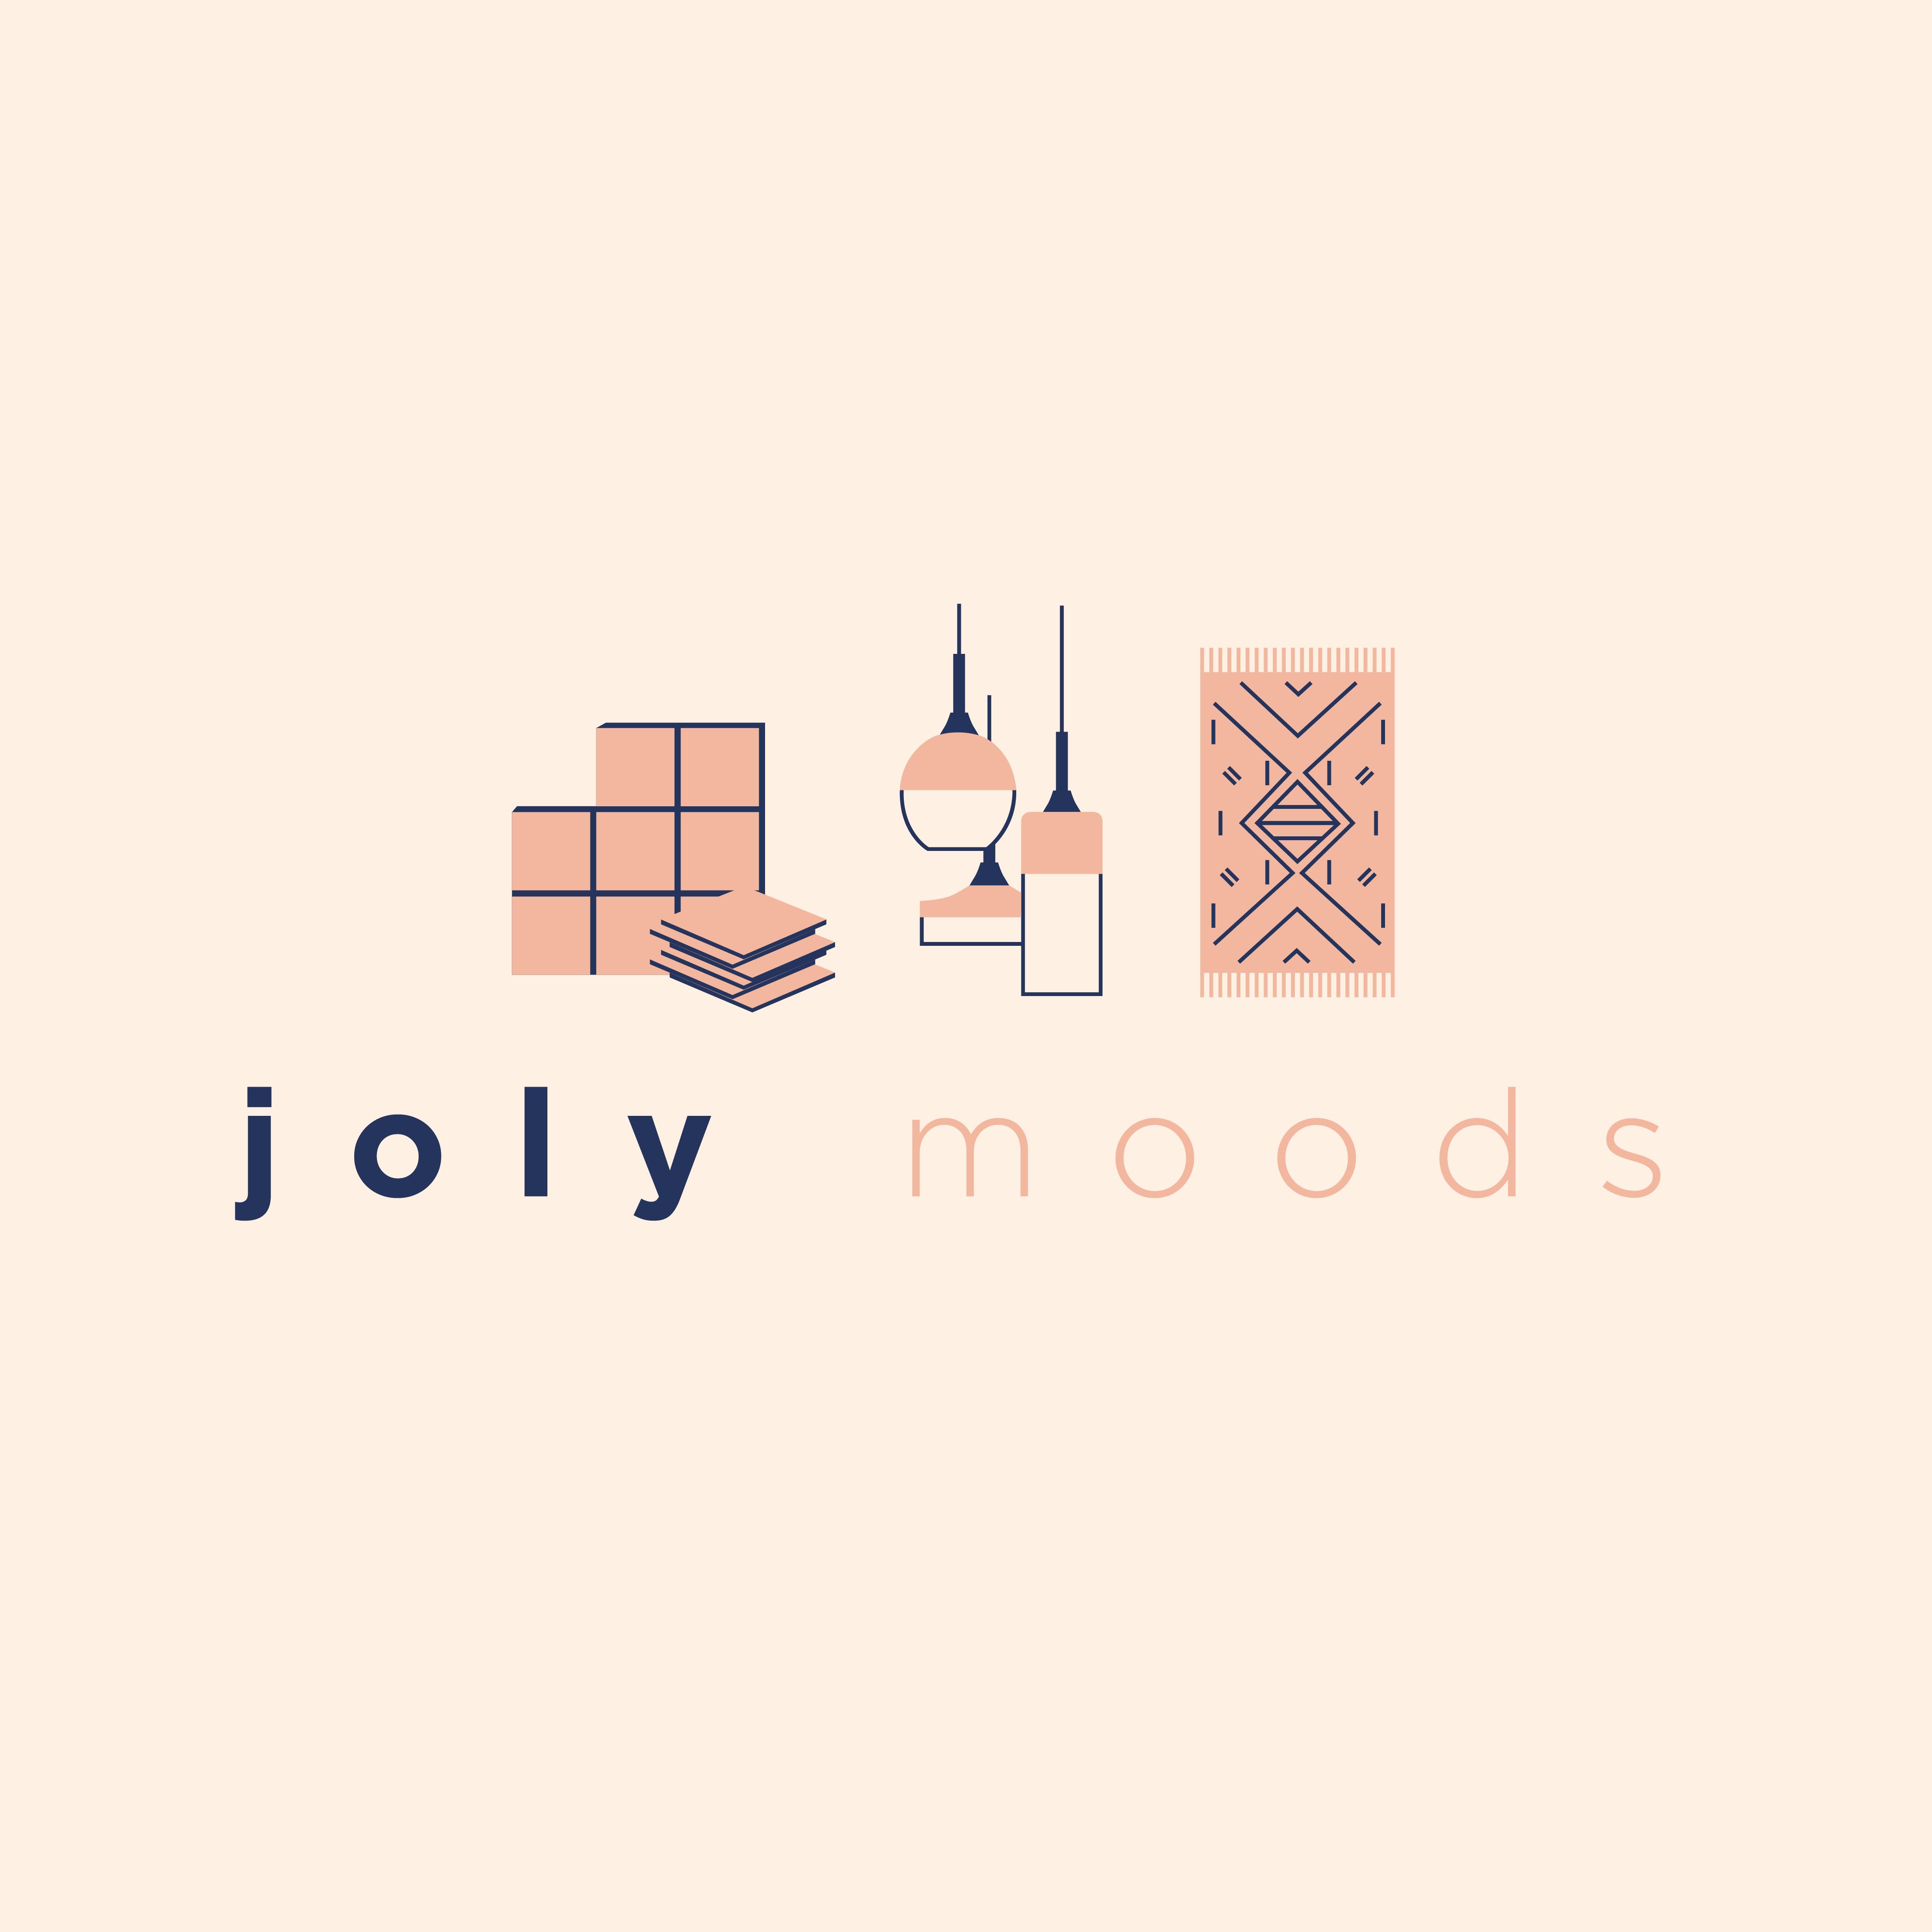 joly moods identité visuelle